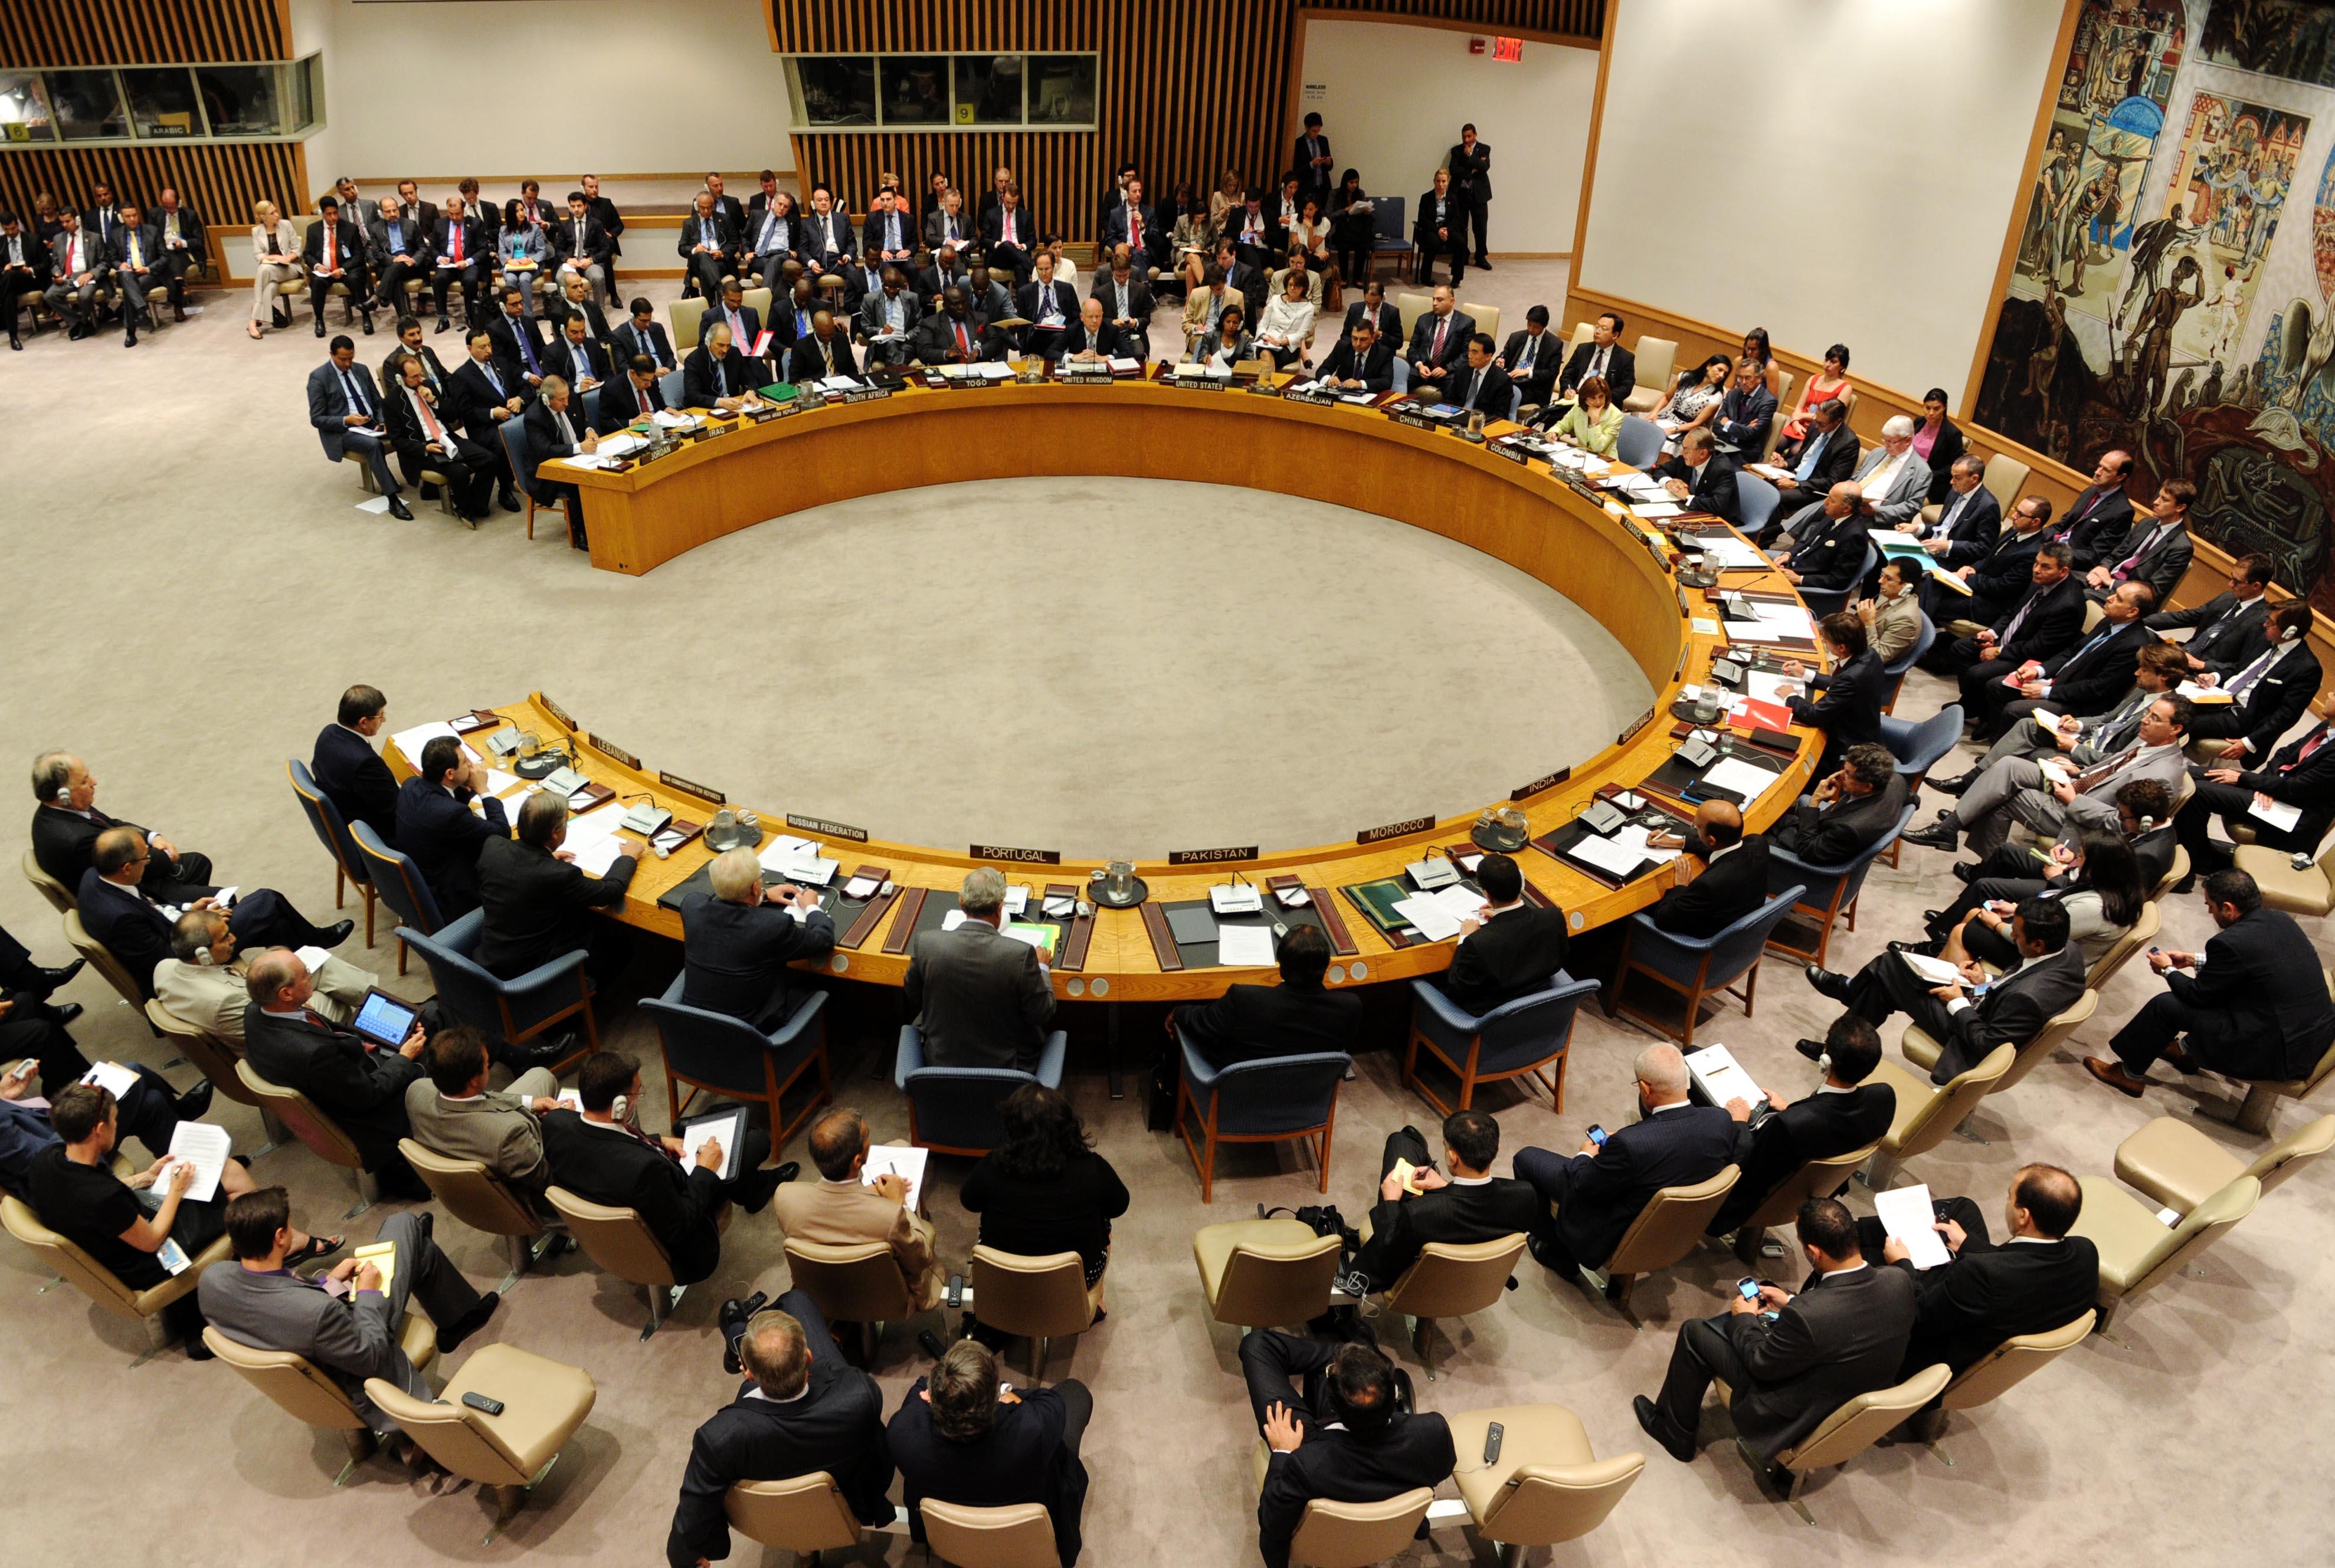 ONU : réunion du Conseil de sécurité sur la Syrie